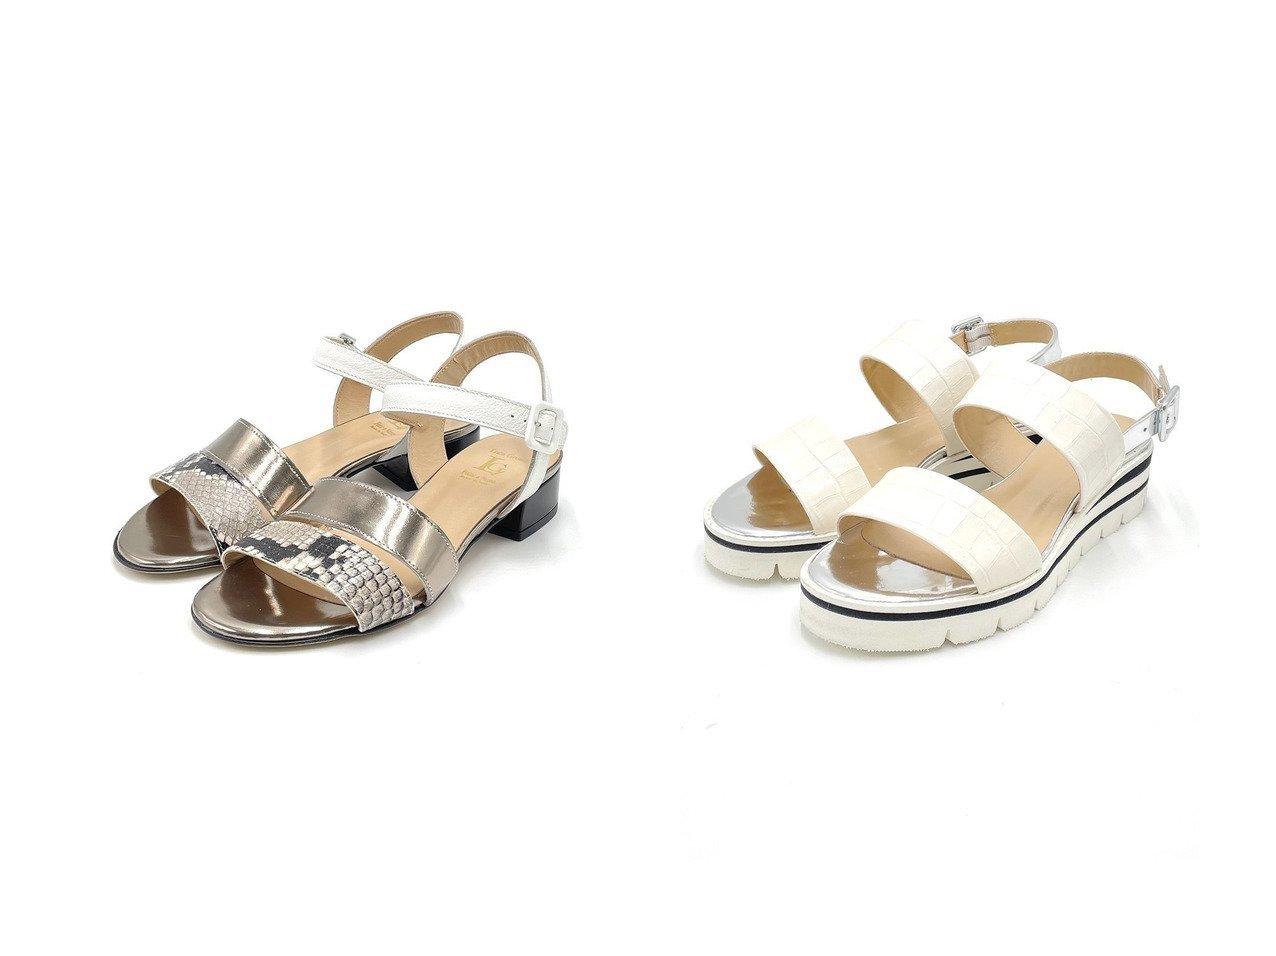 【LucaGrossi/ルカグロッシ】のWストラップサンダル&トリコベルト厚底サンダル 【シューズ・靴】おすすめ!人気、トレンド・レディースファッションの通販 おすすめで人気の流行・トレンド、ファッションの通販商品 インテリア・家具・メンズファッション・キッズファッション・レディースファッション・服の通販 founy(ファニー) https://founy.com/ ファッション Fashion レディースファッション WOMEN ベルト Belts おすすめ Recommend イタリア サンダル シューズ ストラップサンダル 厚底  ID:crp329100000043155